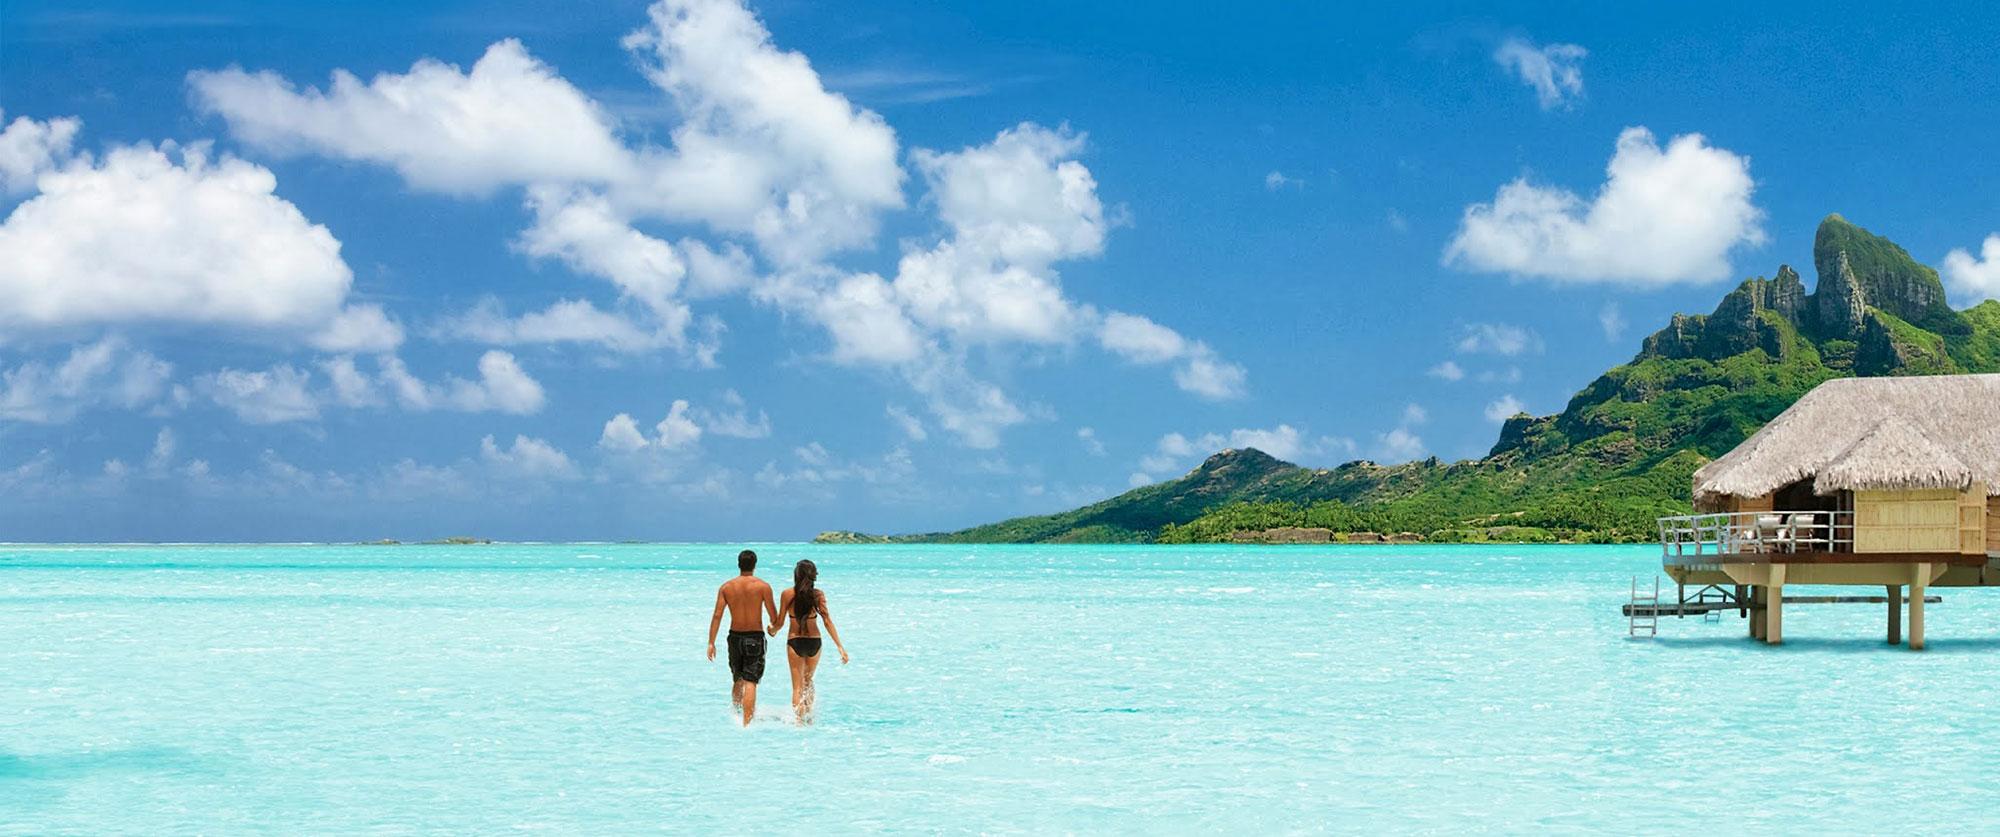 Tahiti Honeymoon Vacation Packages, Overwater Bungalows in Bora Bora